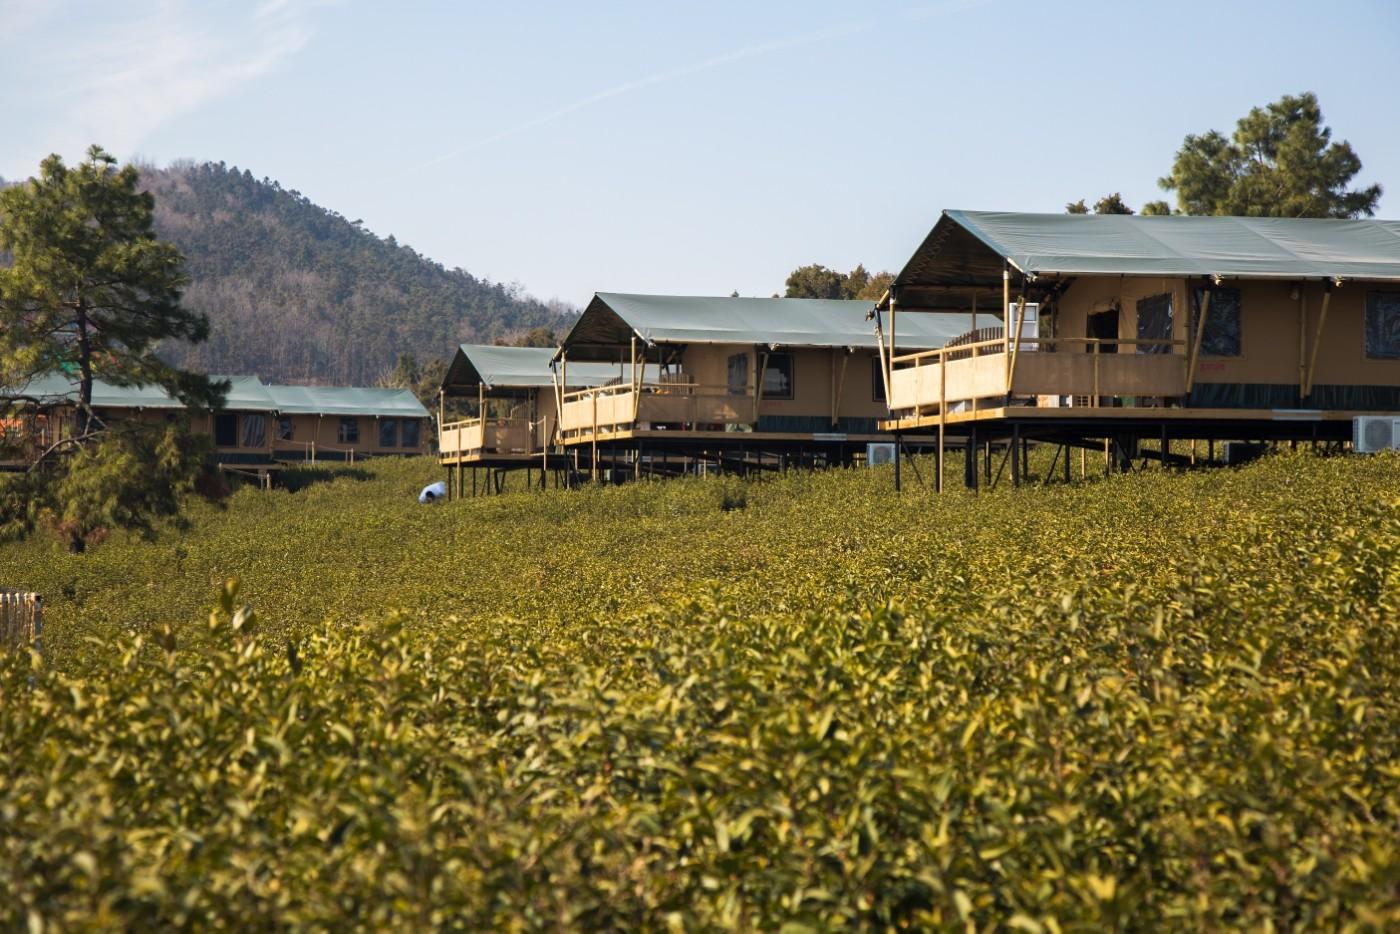 喜马拉雅野奢帐篷酒店—江苏常州茅山宝盛园2期茶田帐篷酒店9